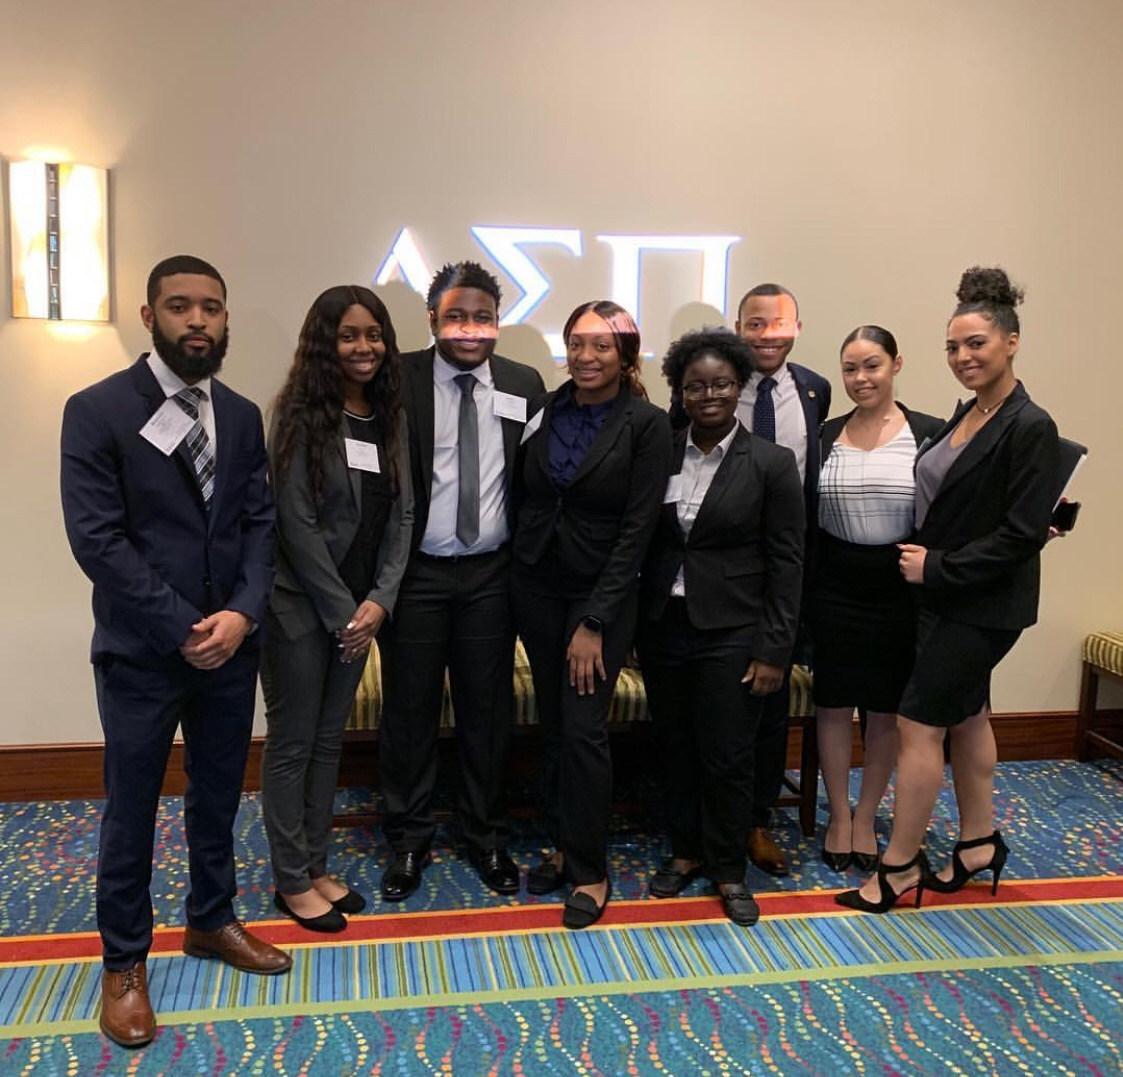 Kappa attends LEAD in Atlanta 2019